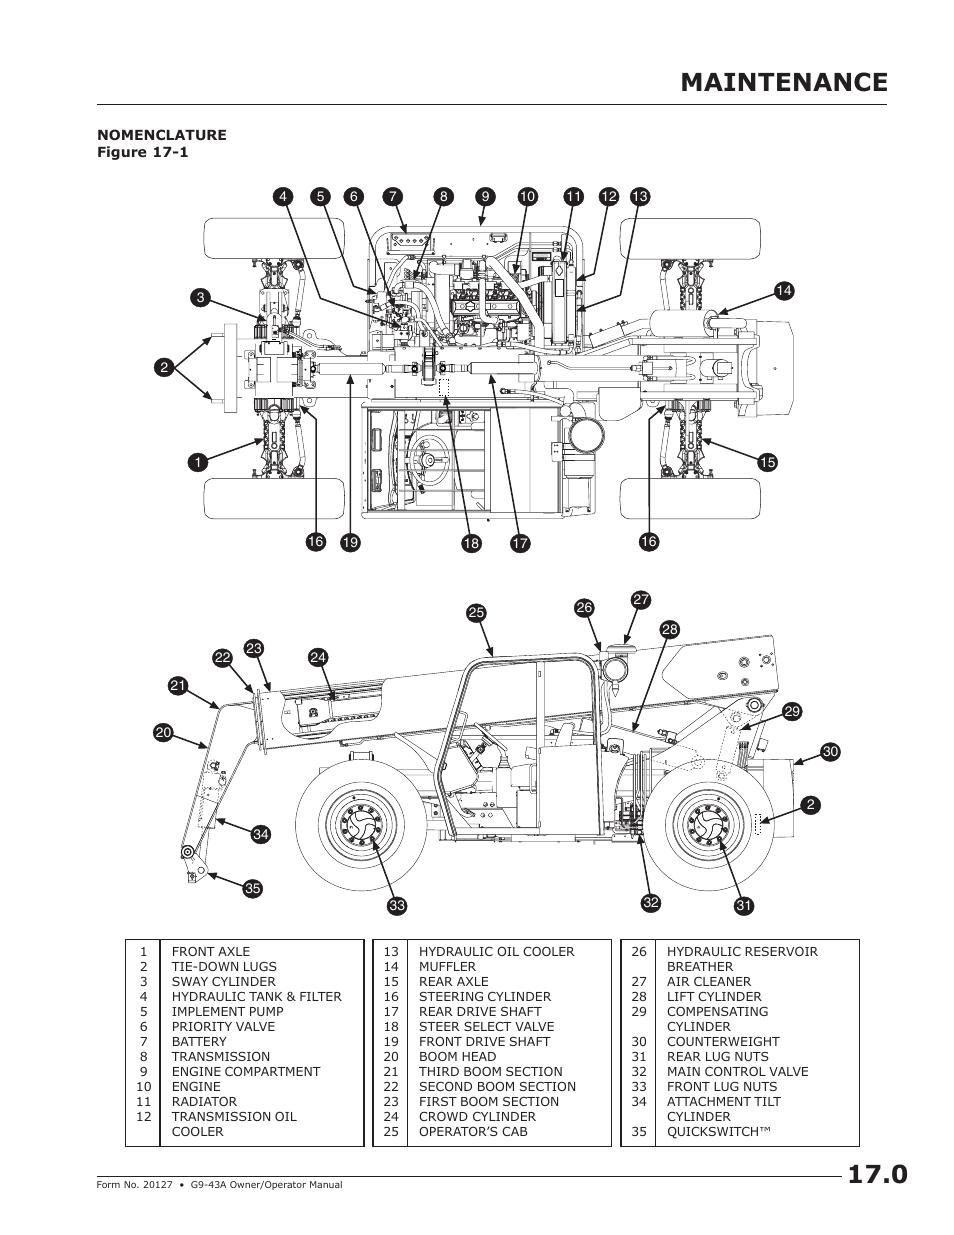 Jlg G10 55a Parts Manual